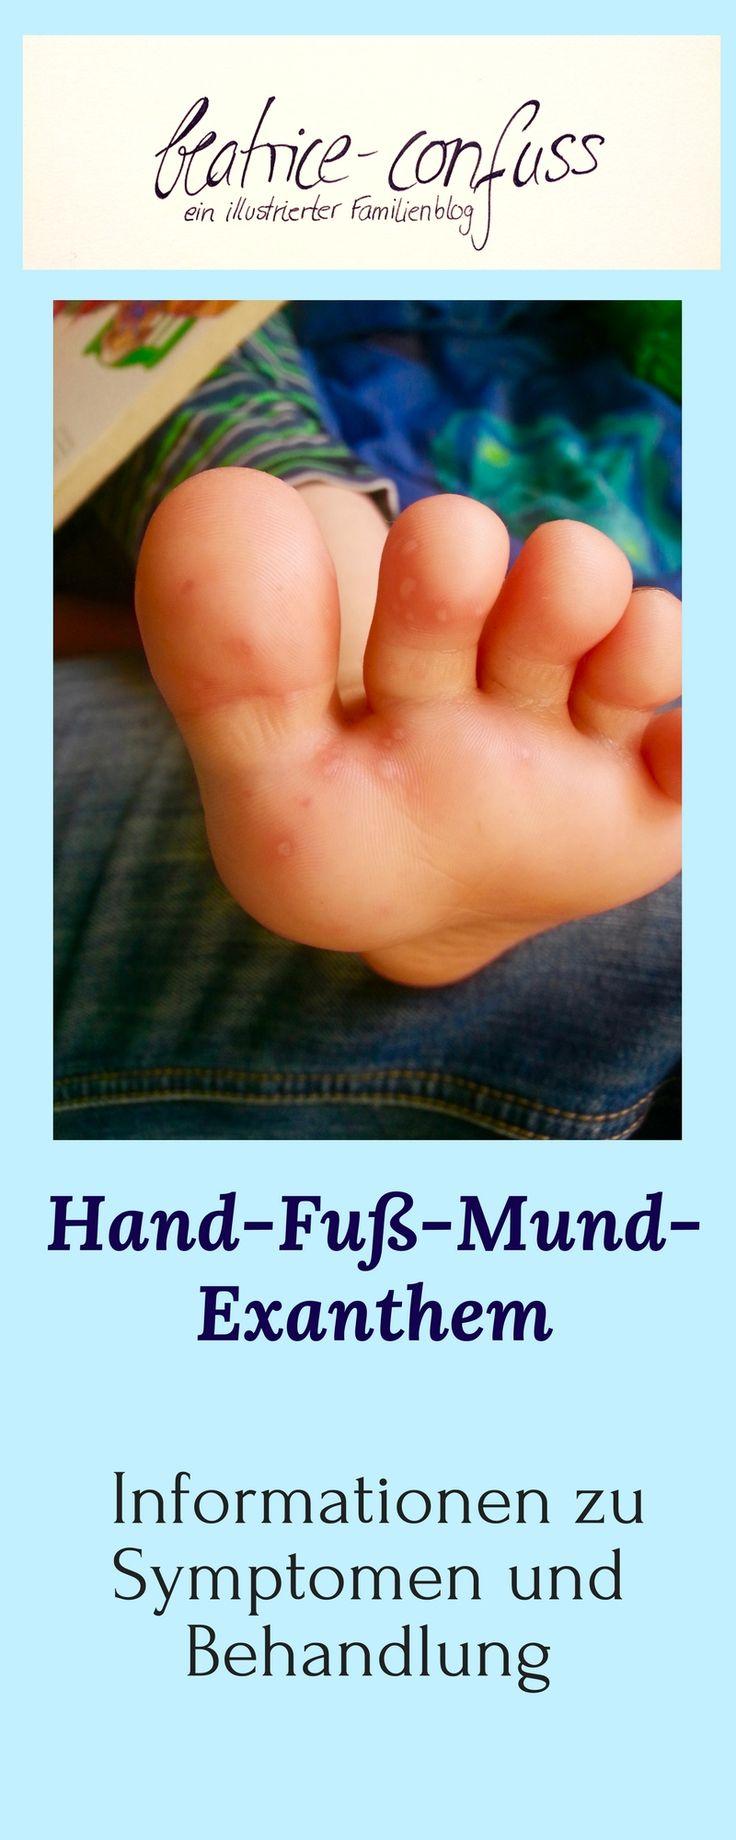 Hand-Fuß-Mund-Krankheit, Kinderkrankheit, Symptome